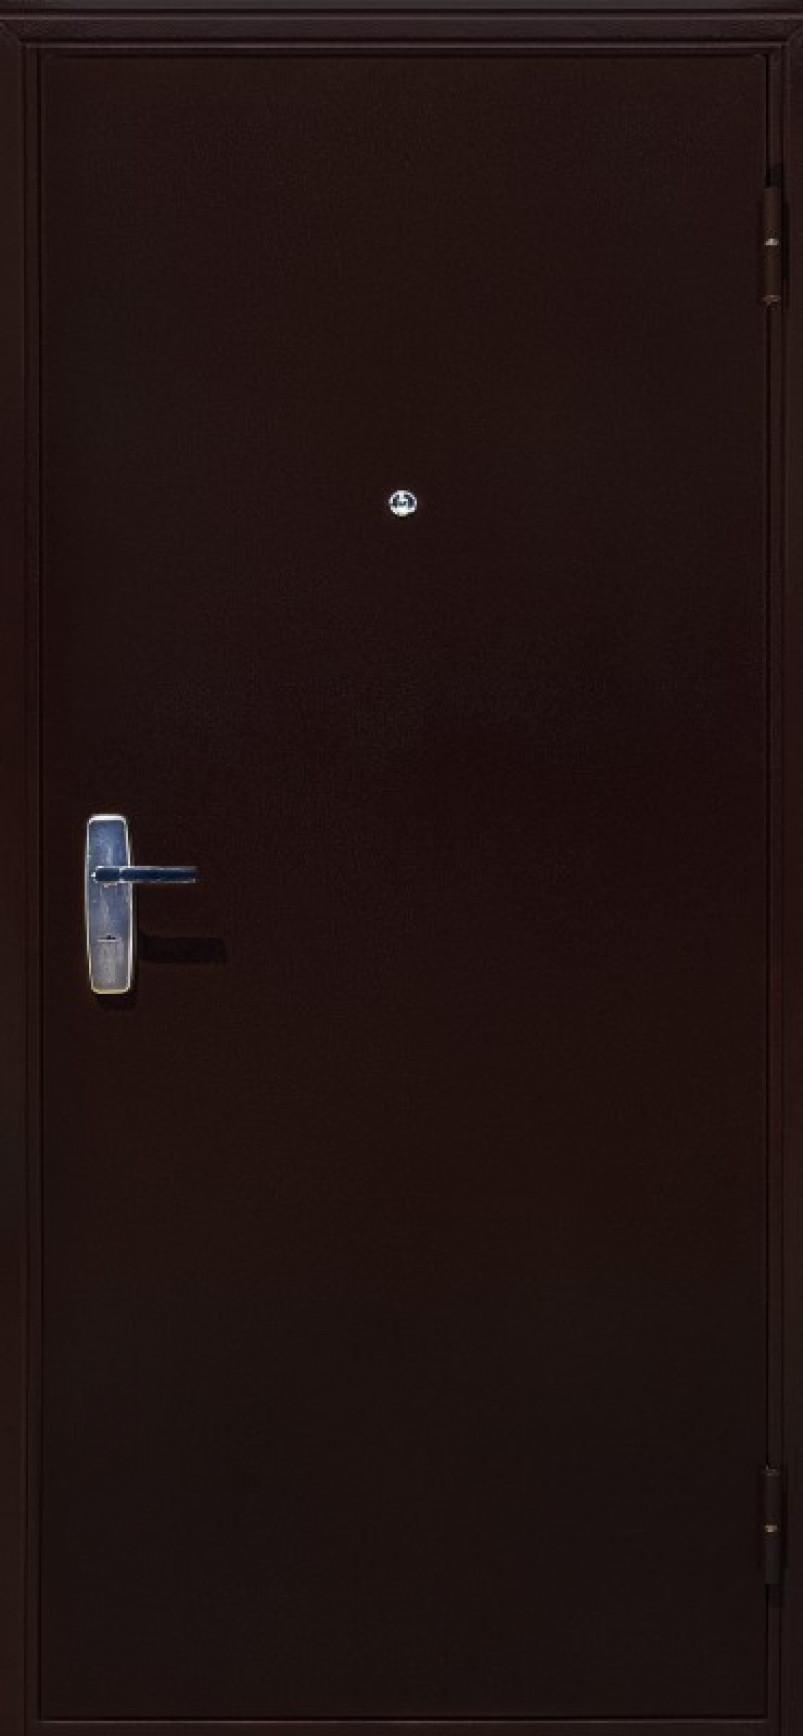 Дверь Sidoorov АМД 7-1 Металл / Металл